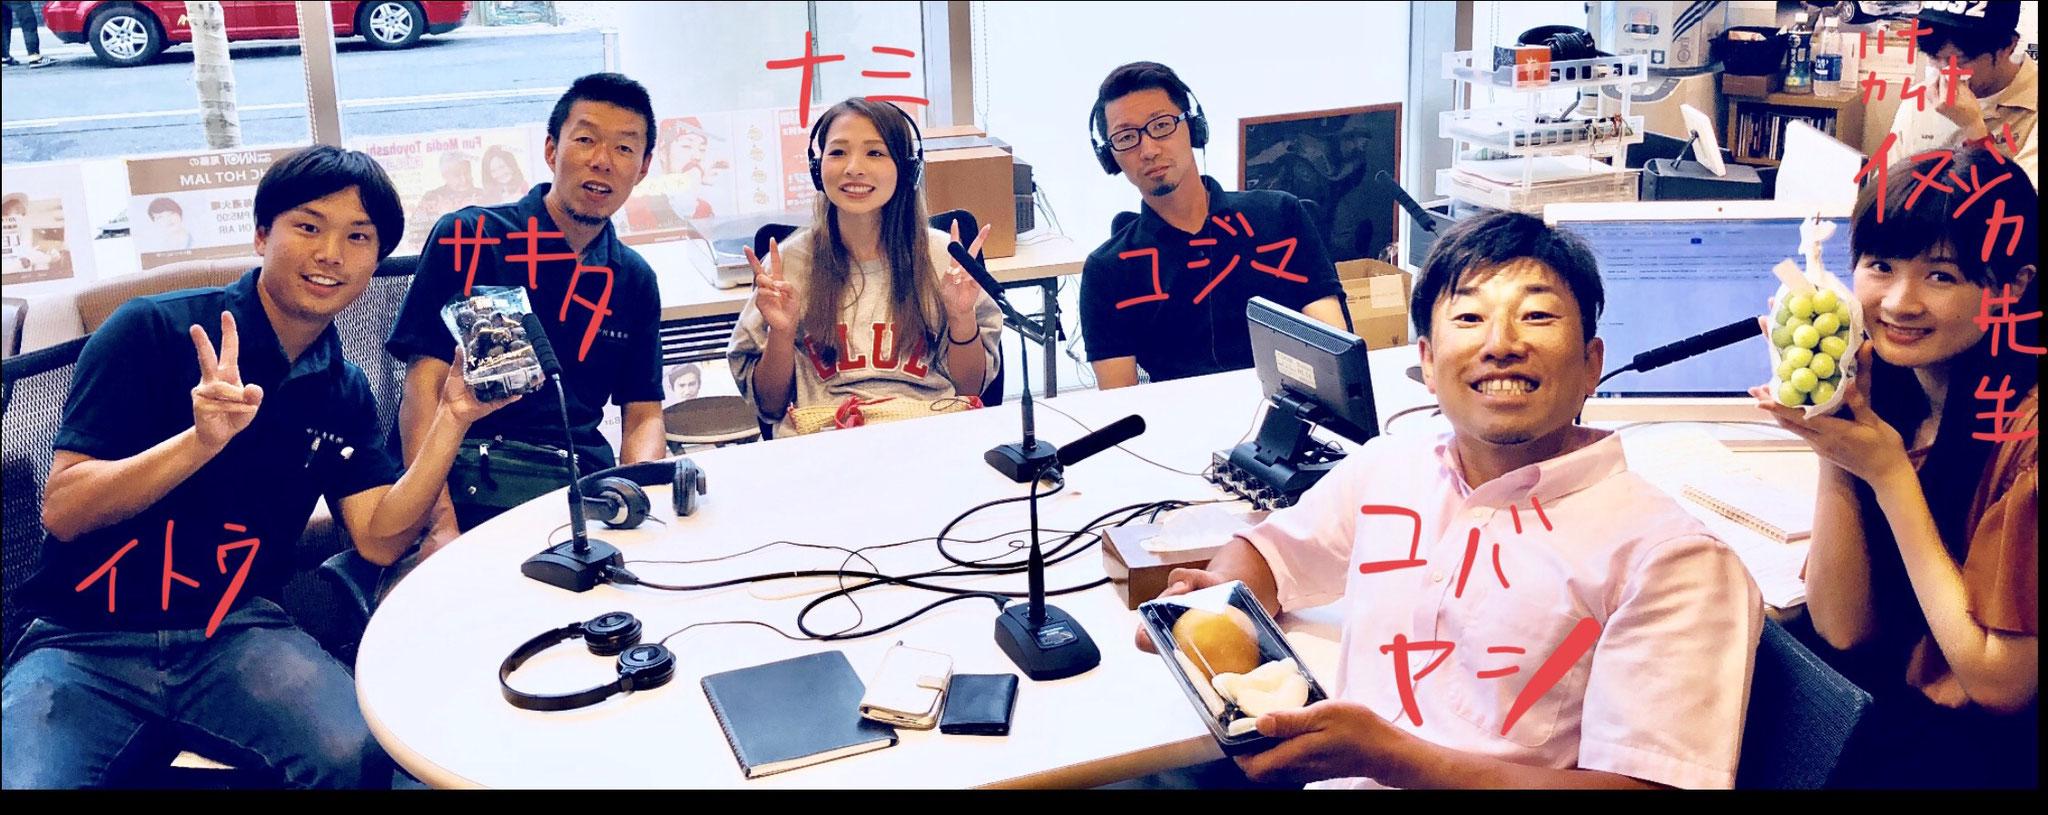 3回目放送 犬塚志乃さん、魚富の小島社長となみさん、中村青果の崎田さんと伊藤さん